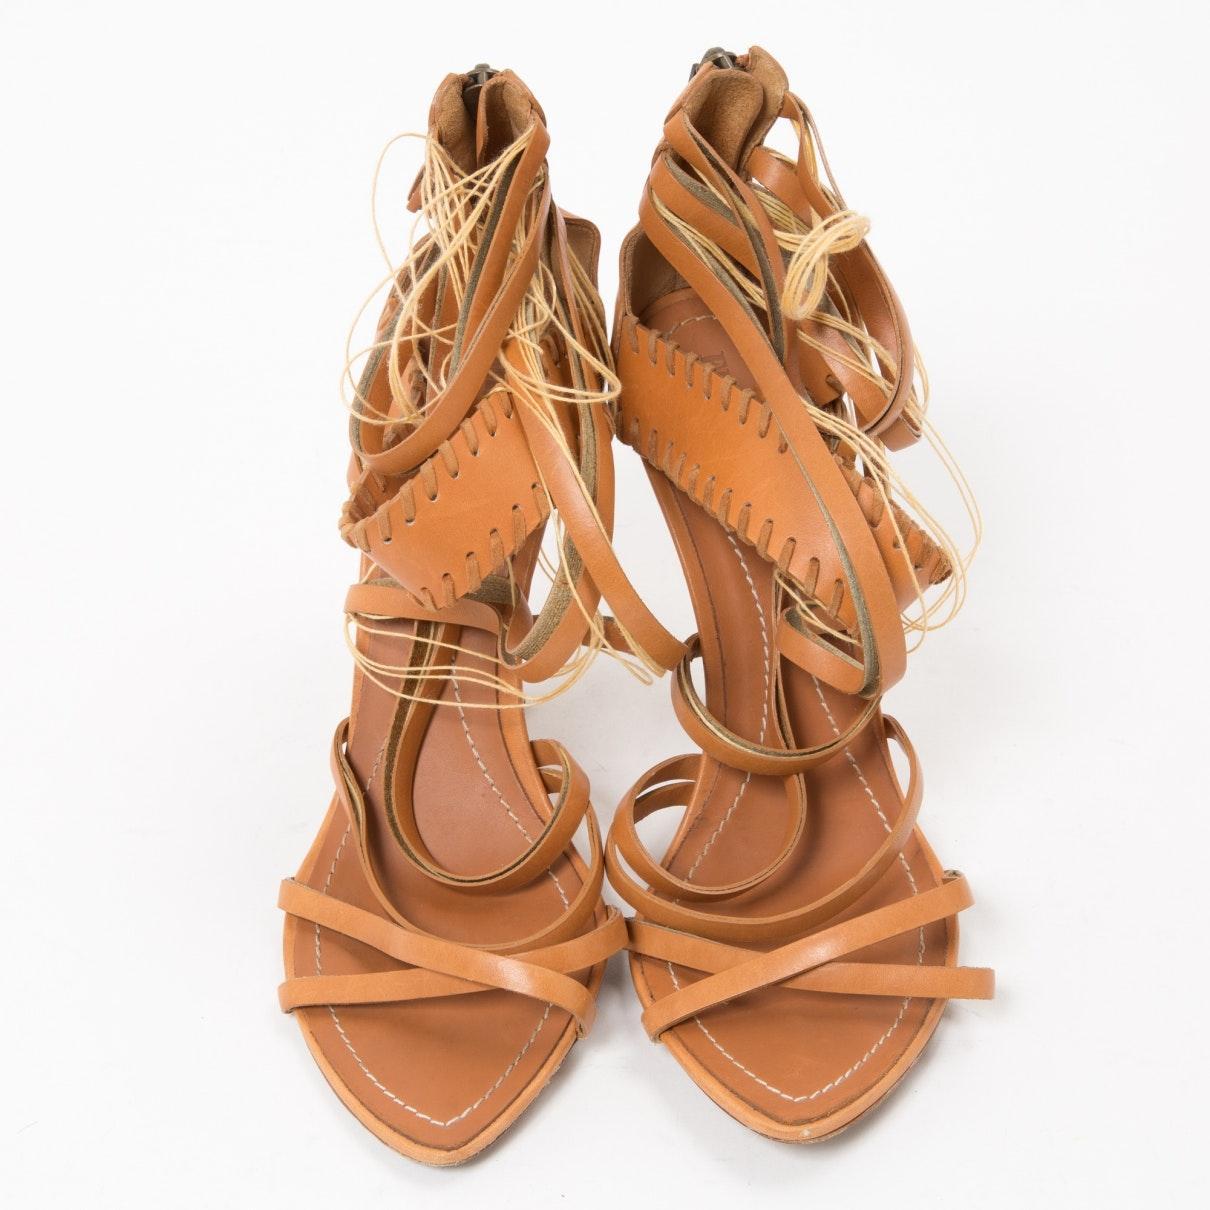 Sandales N en Cuir Marron Emilio Pucci en coloris Marron